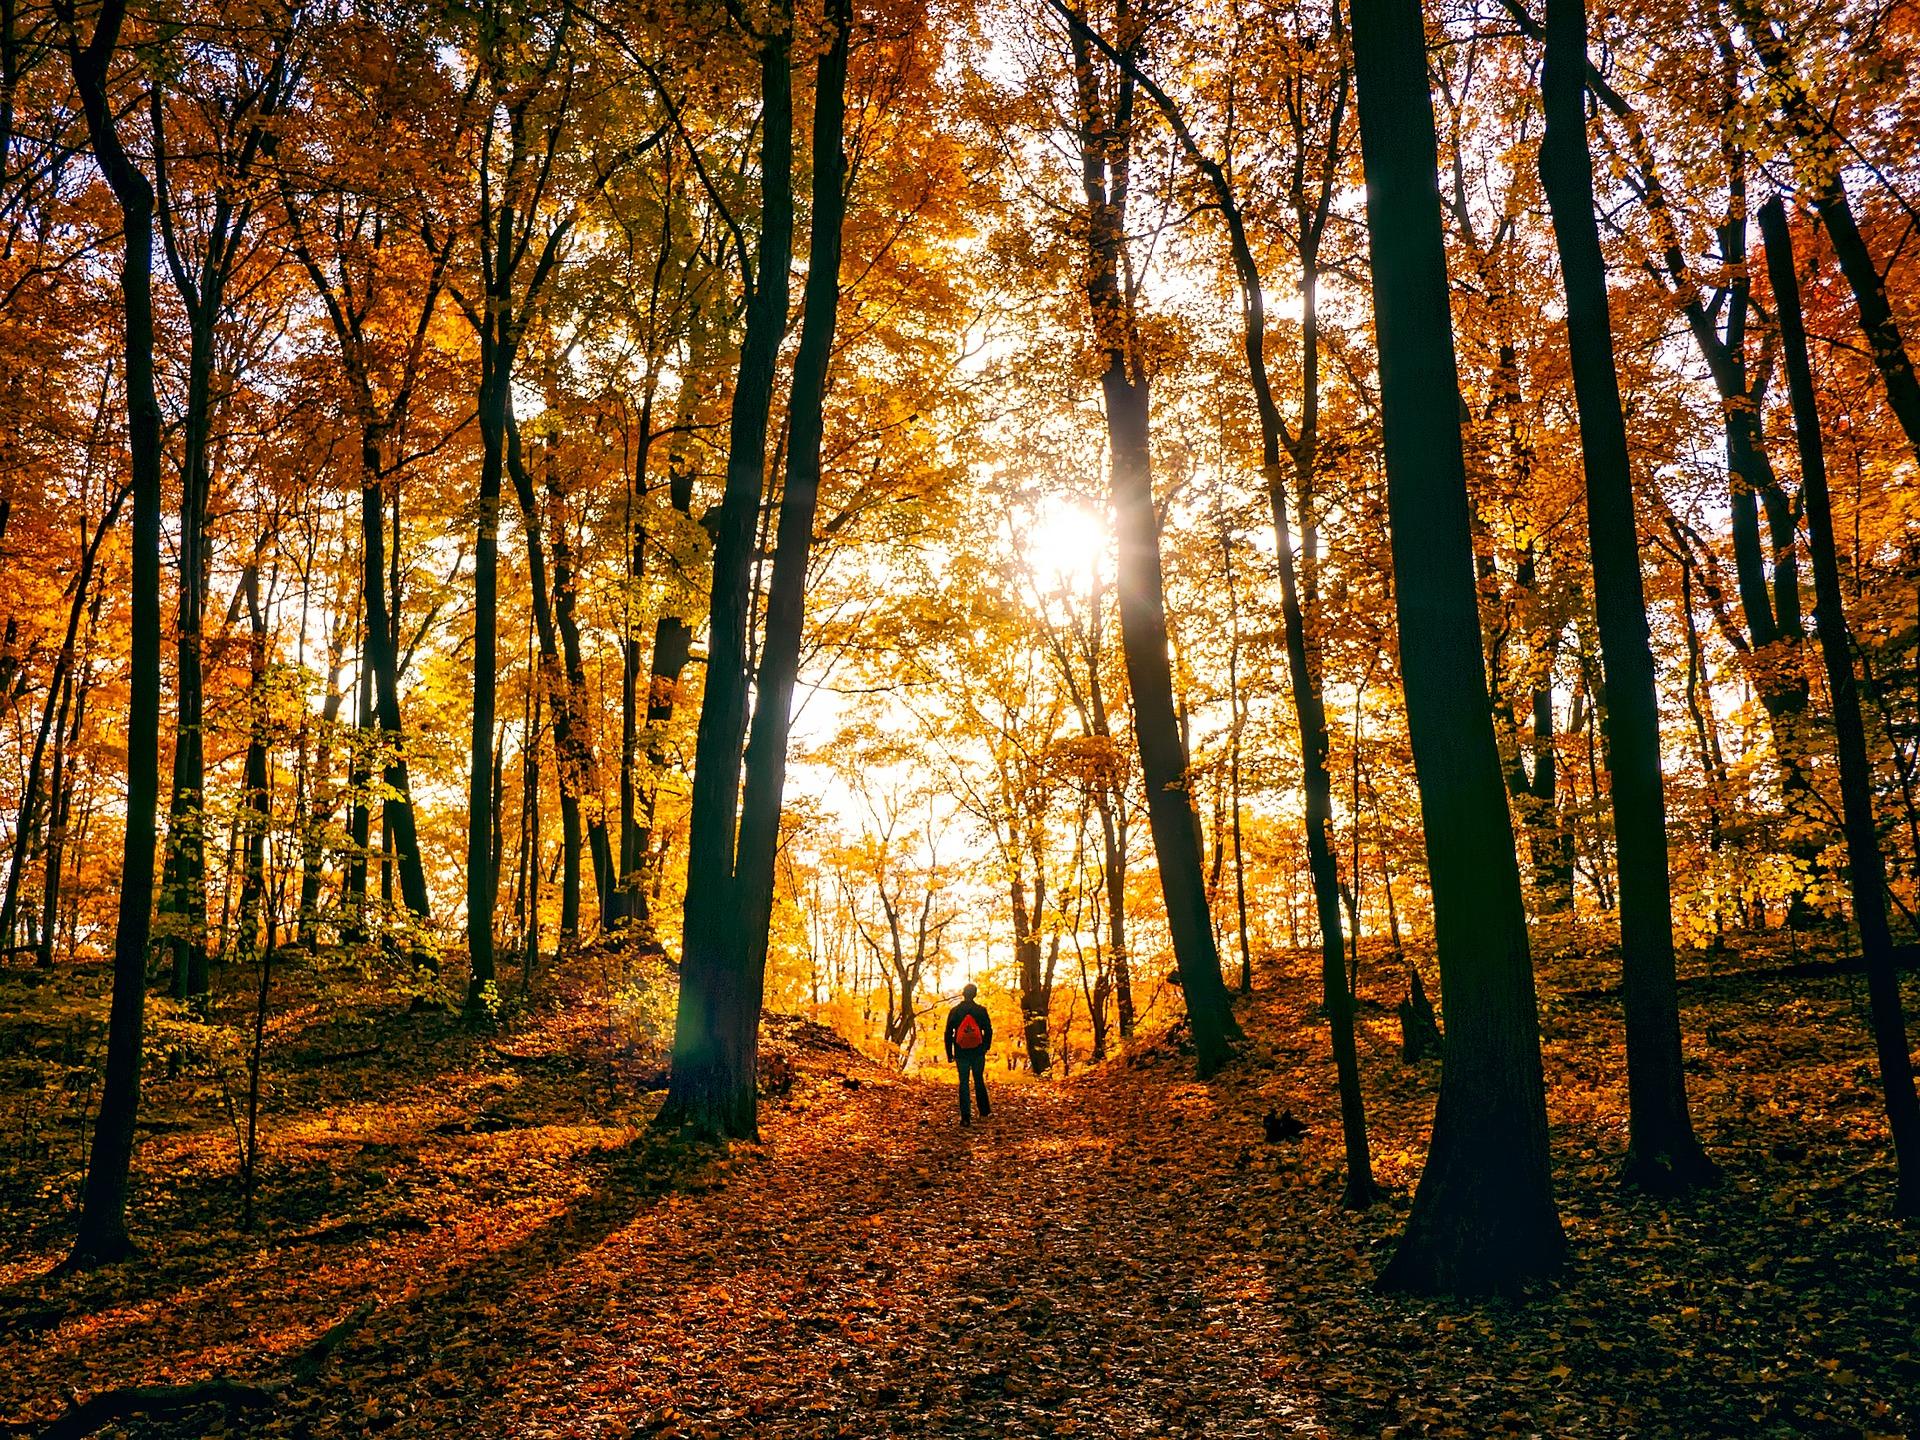 autumn-1812180_1920